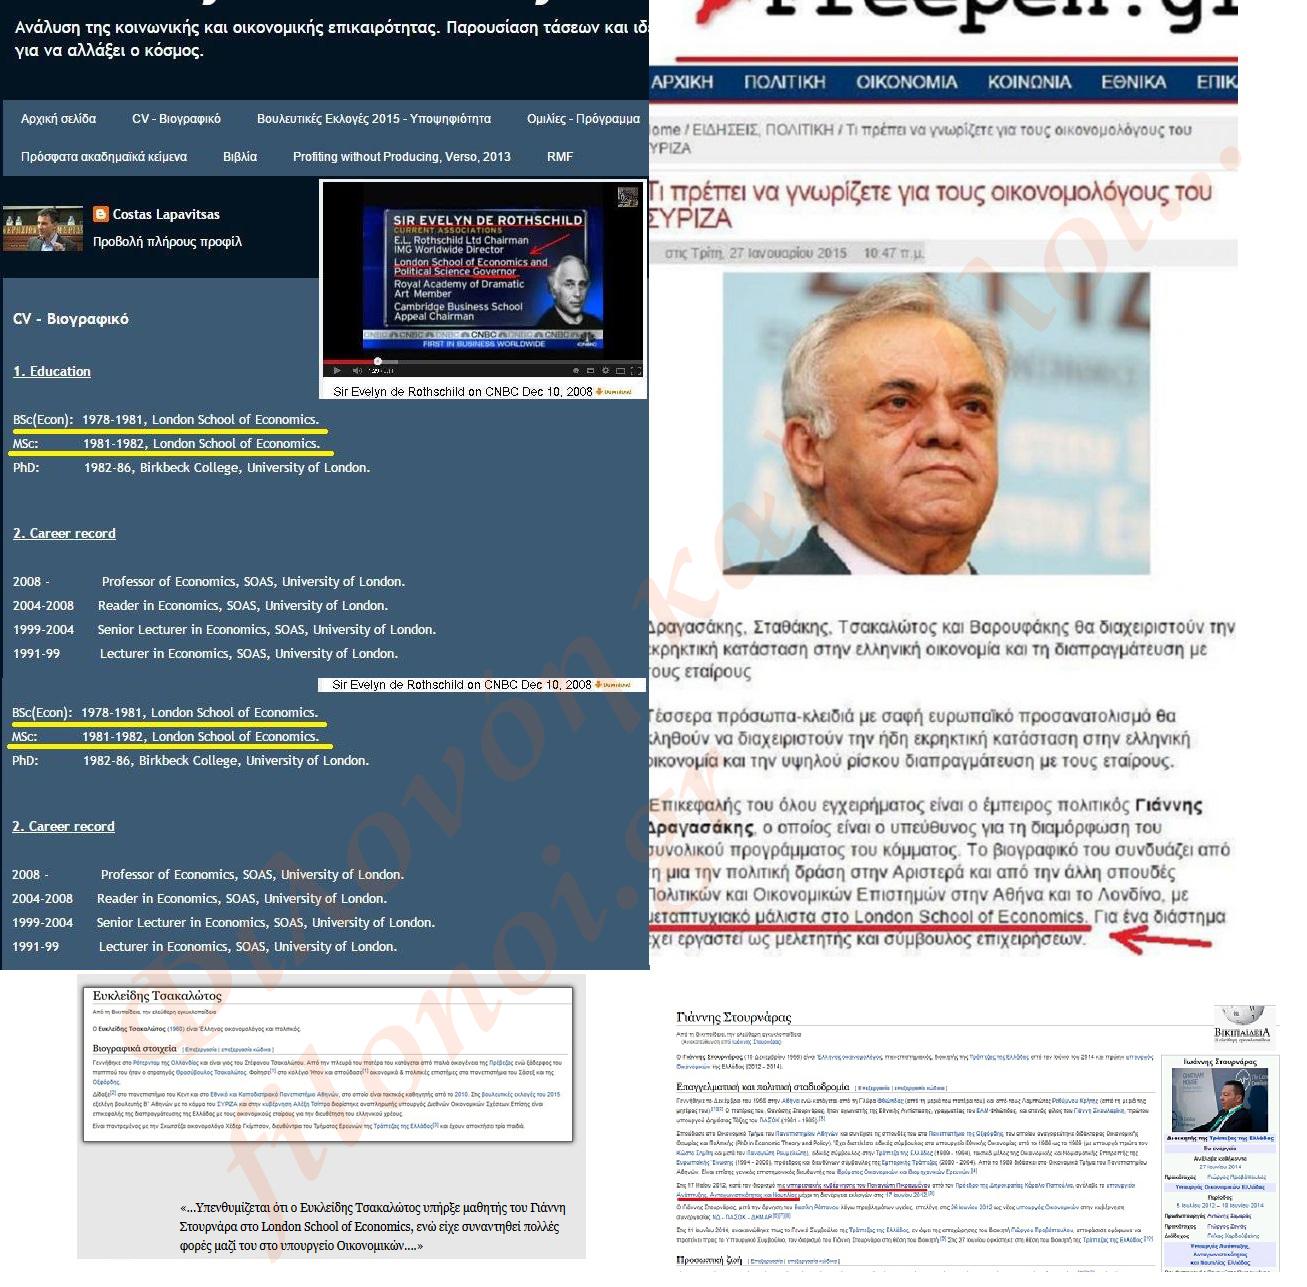 Ὁ Soros ἀπαιτεῖ «ἄμεση δημοκρατία».10